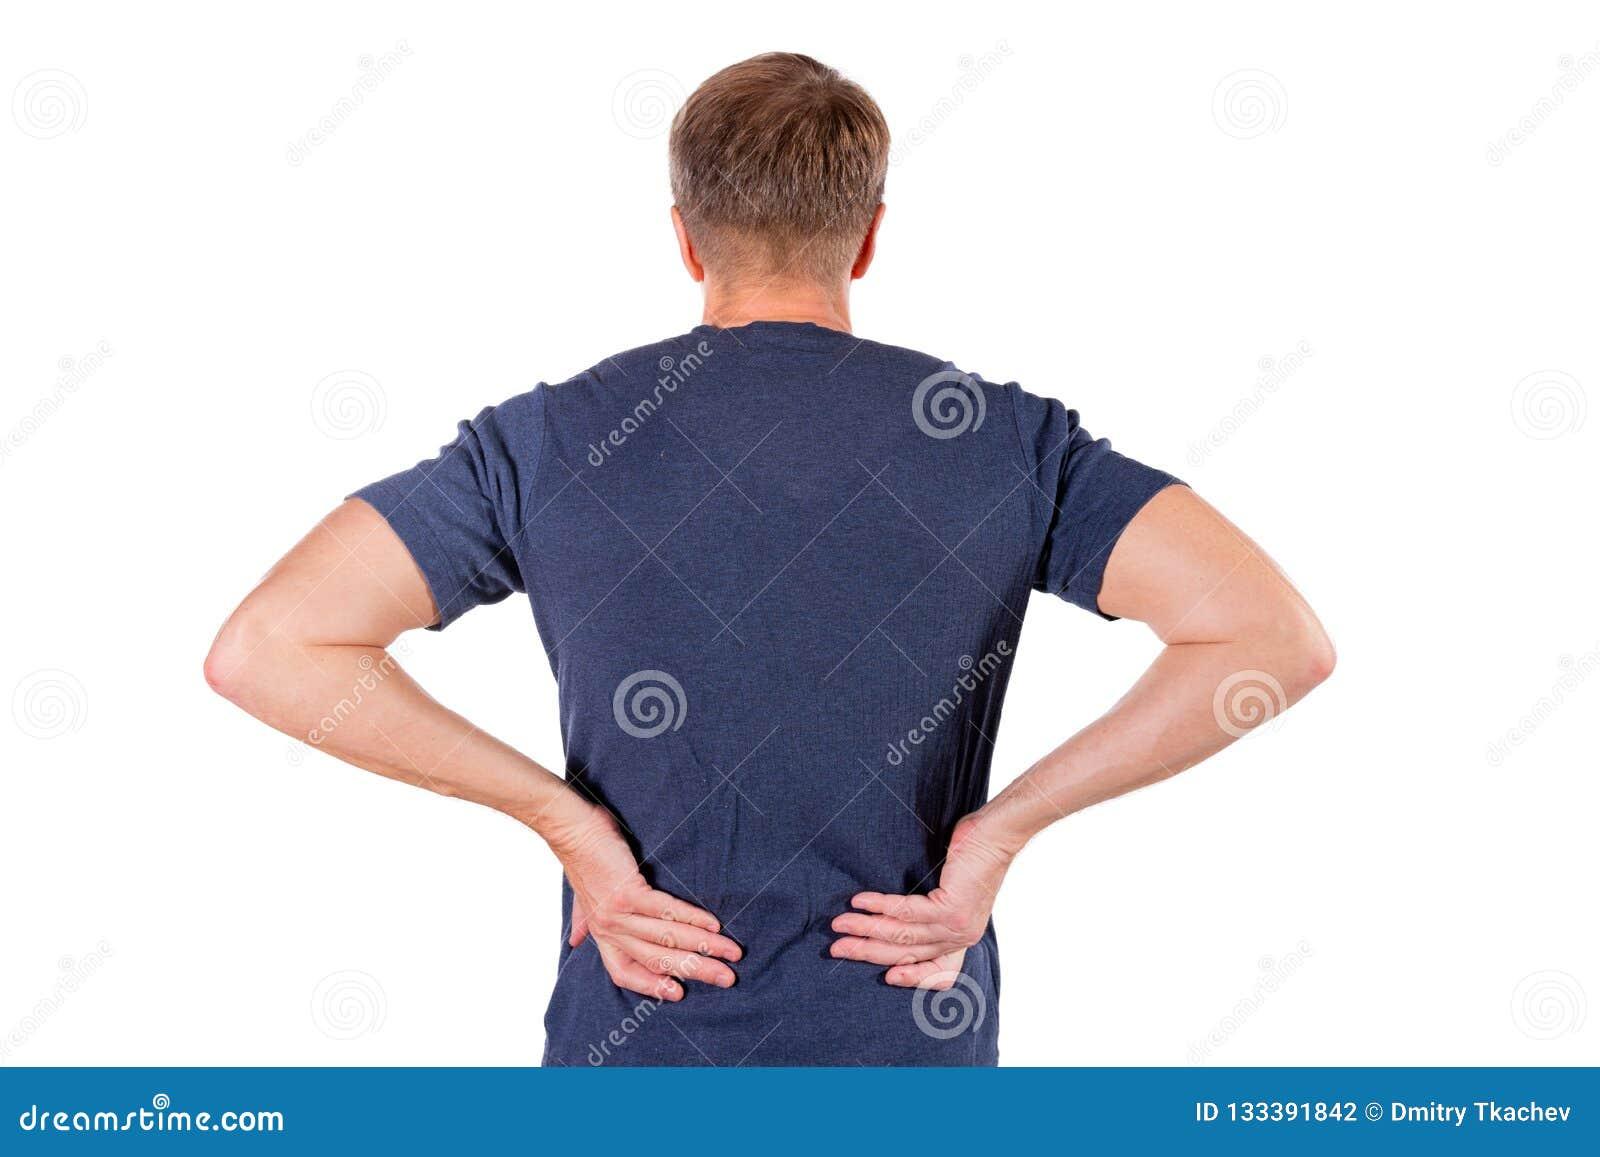 Costas dor dolorosa nas